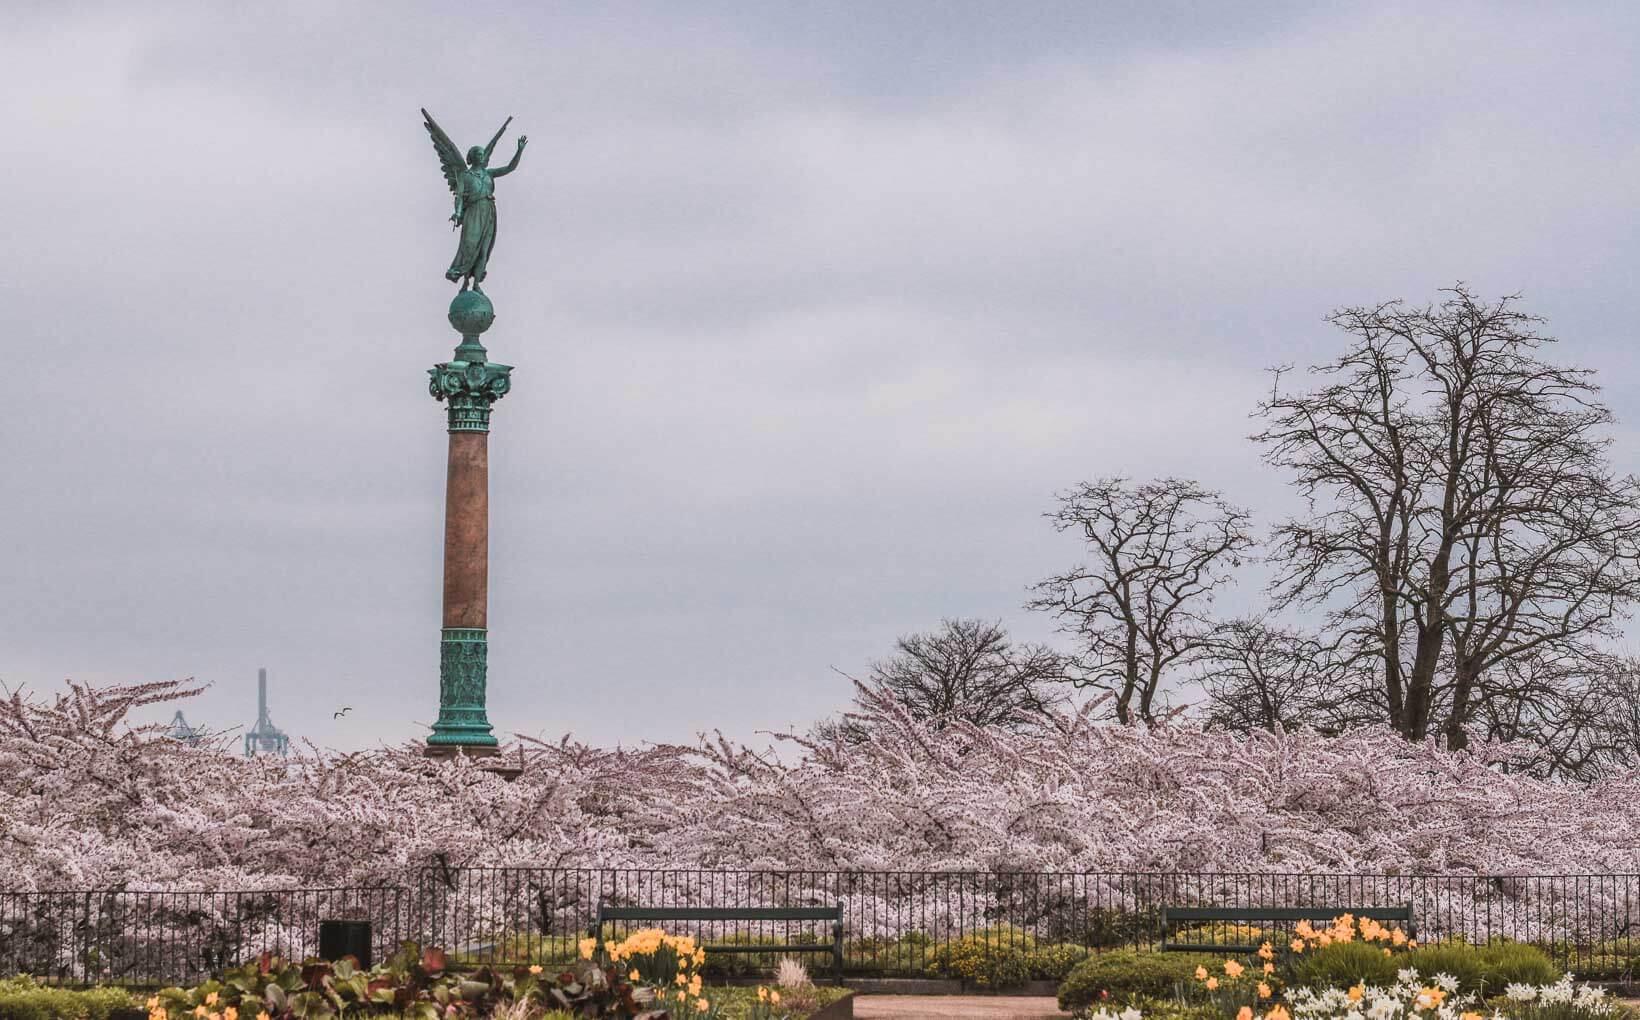 Langelinie Park Harbor Where to find cherry blossoms in Copenhagen_